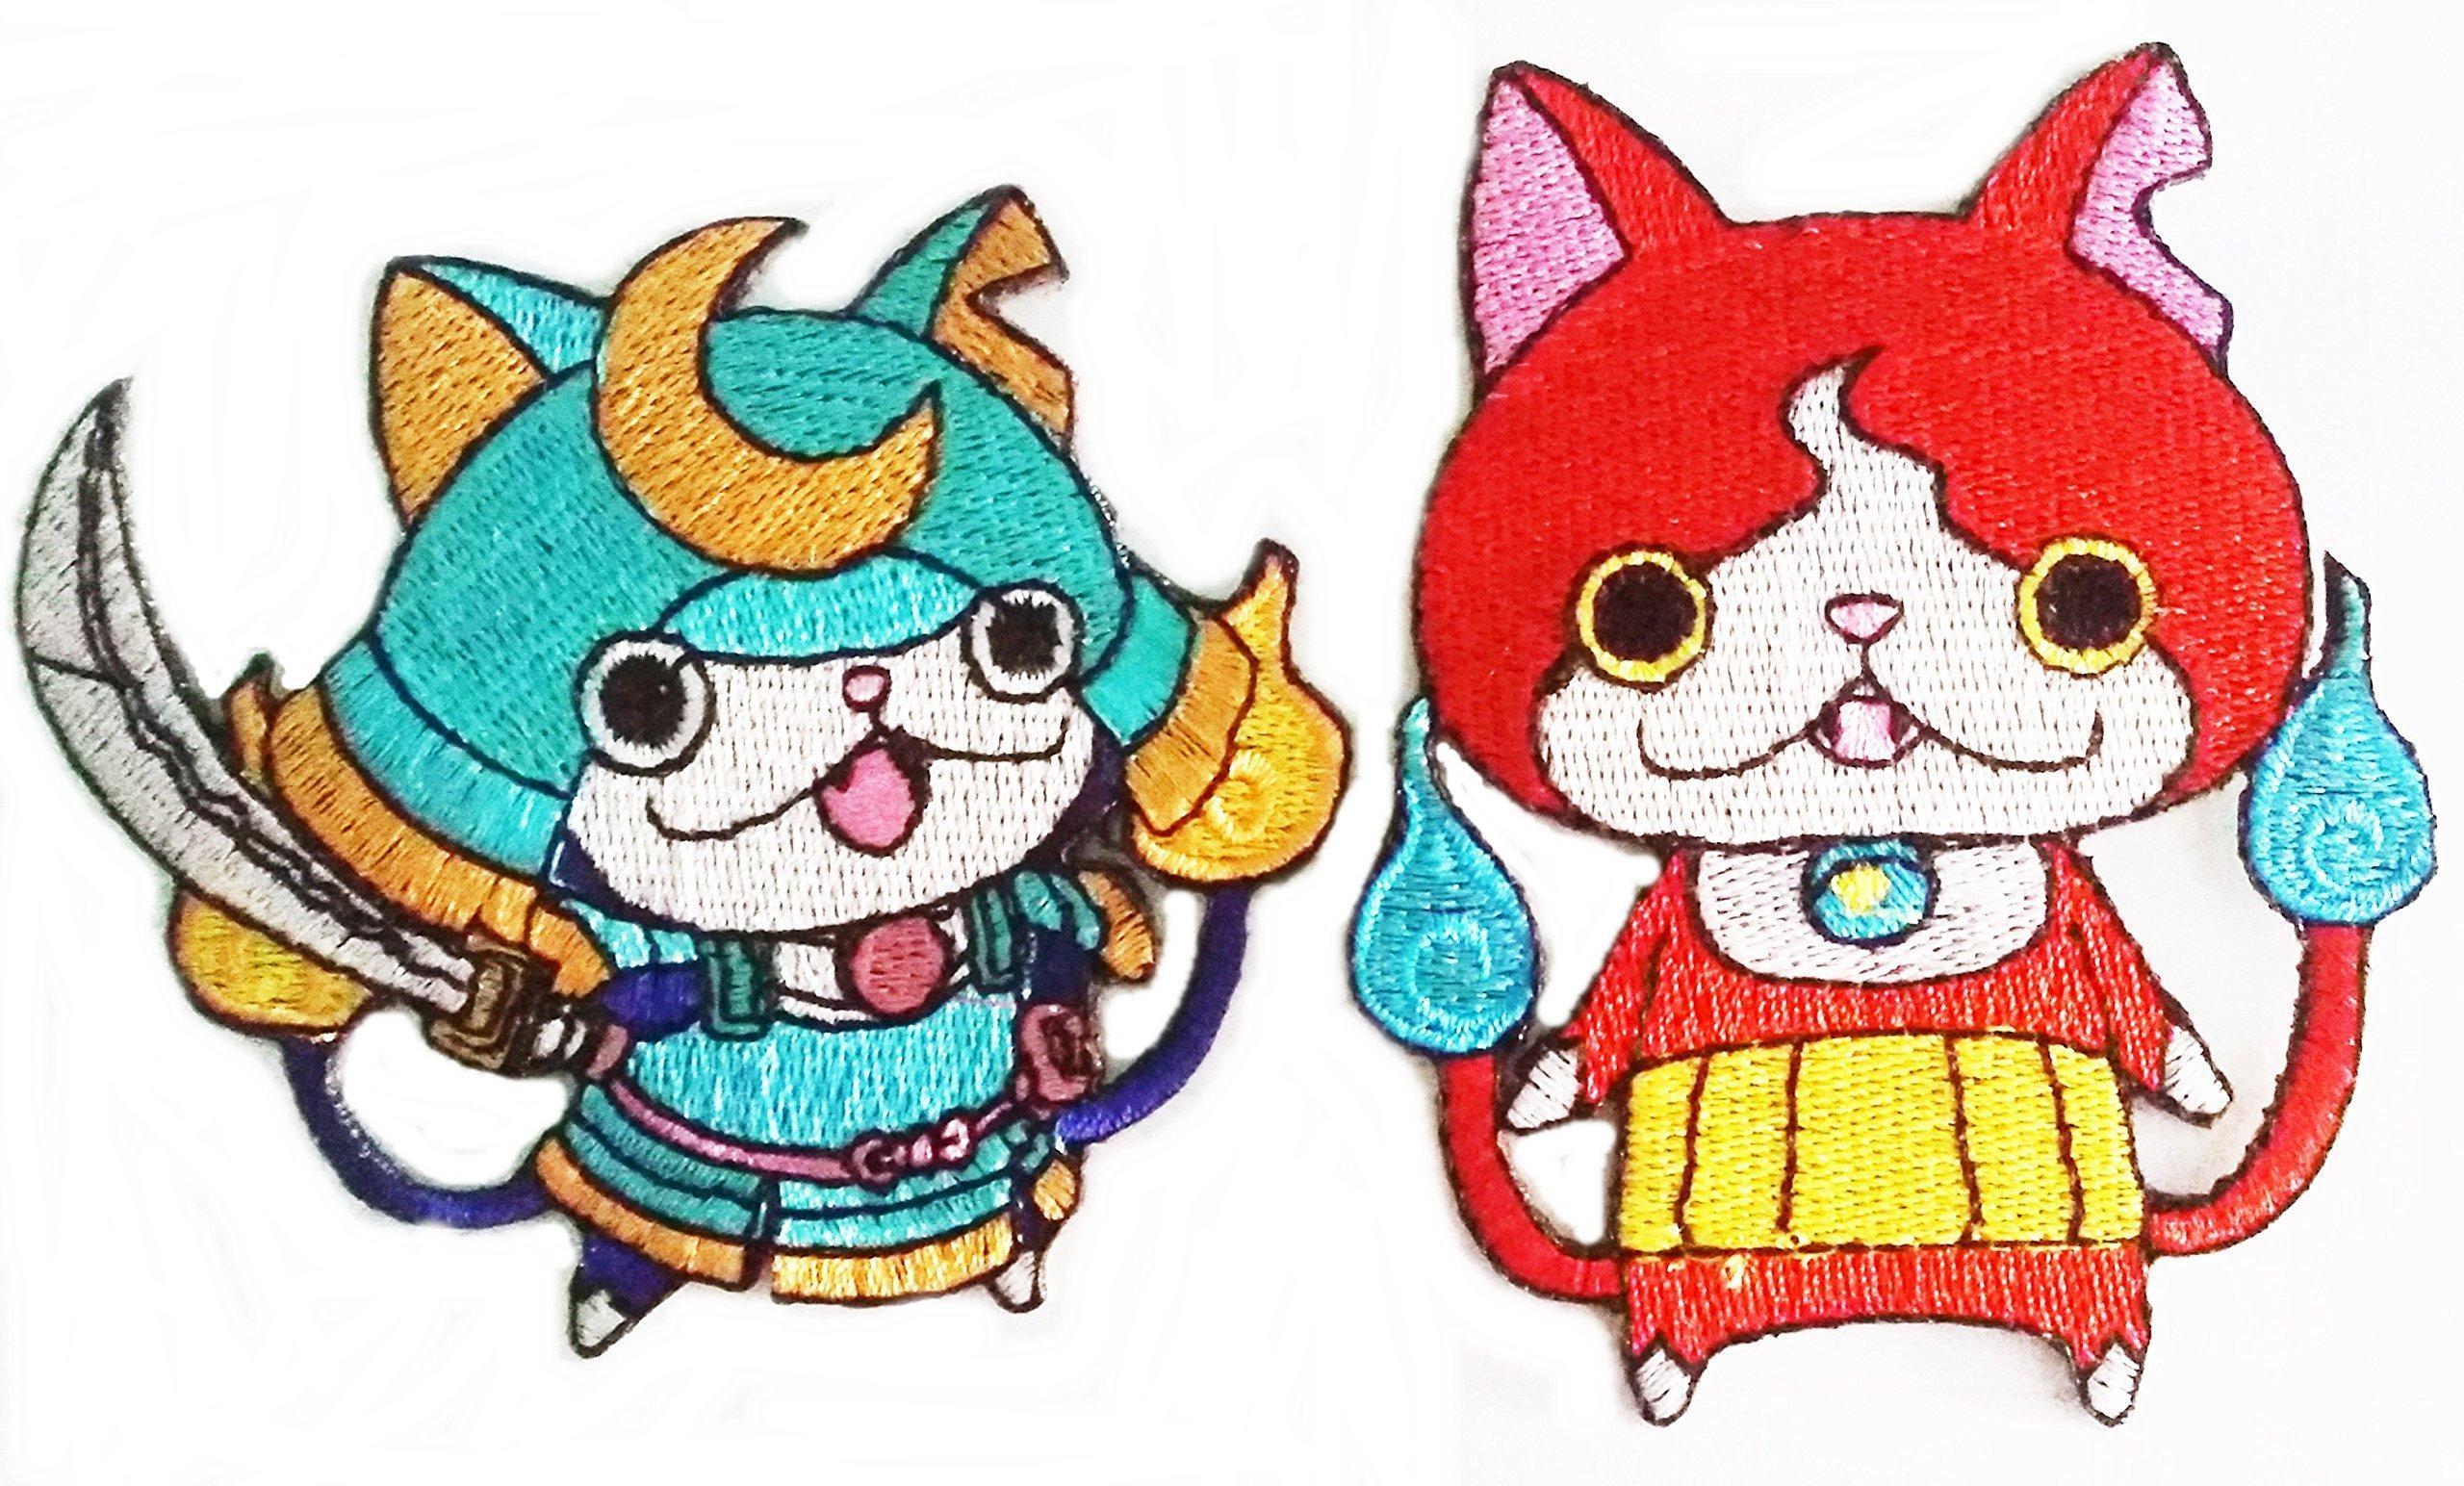 online store yo kai yokai watch character cartoon comics kid patch